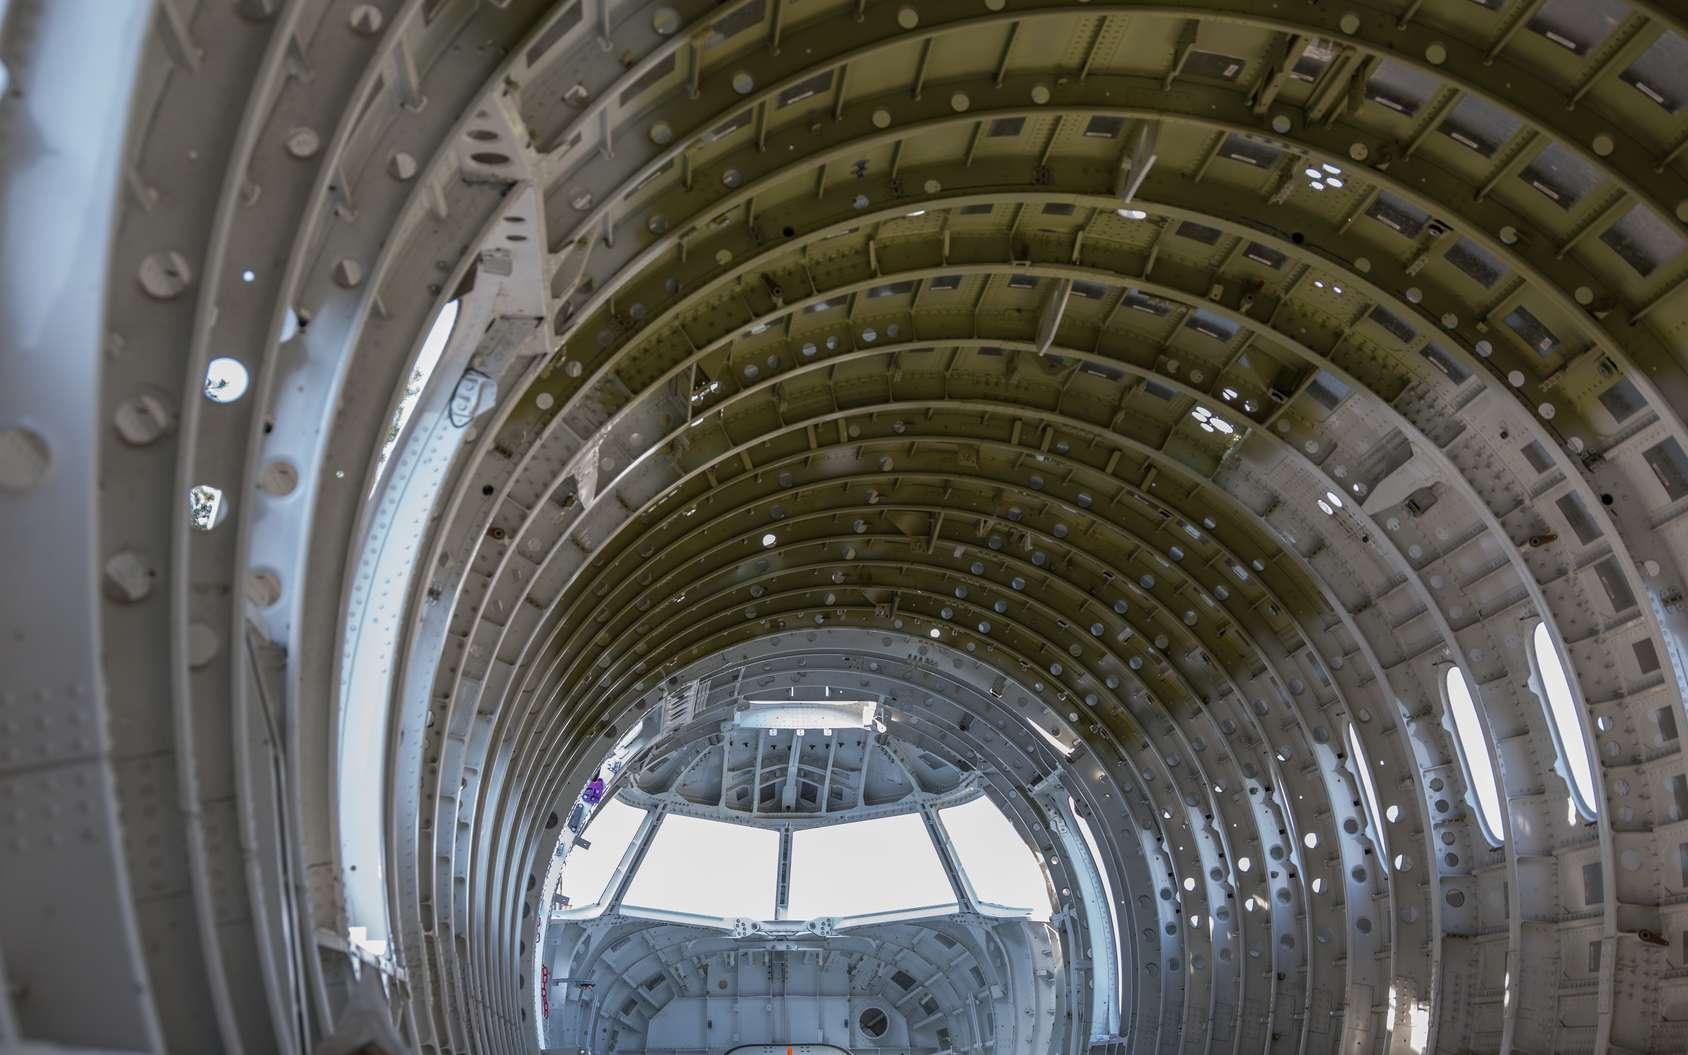 Le chaudronnier aéronautique met en forme des pièces métalliques de manière manuelle ou à l'aide de machines. © Mario Hagen, Fotolia.